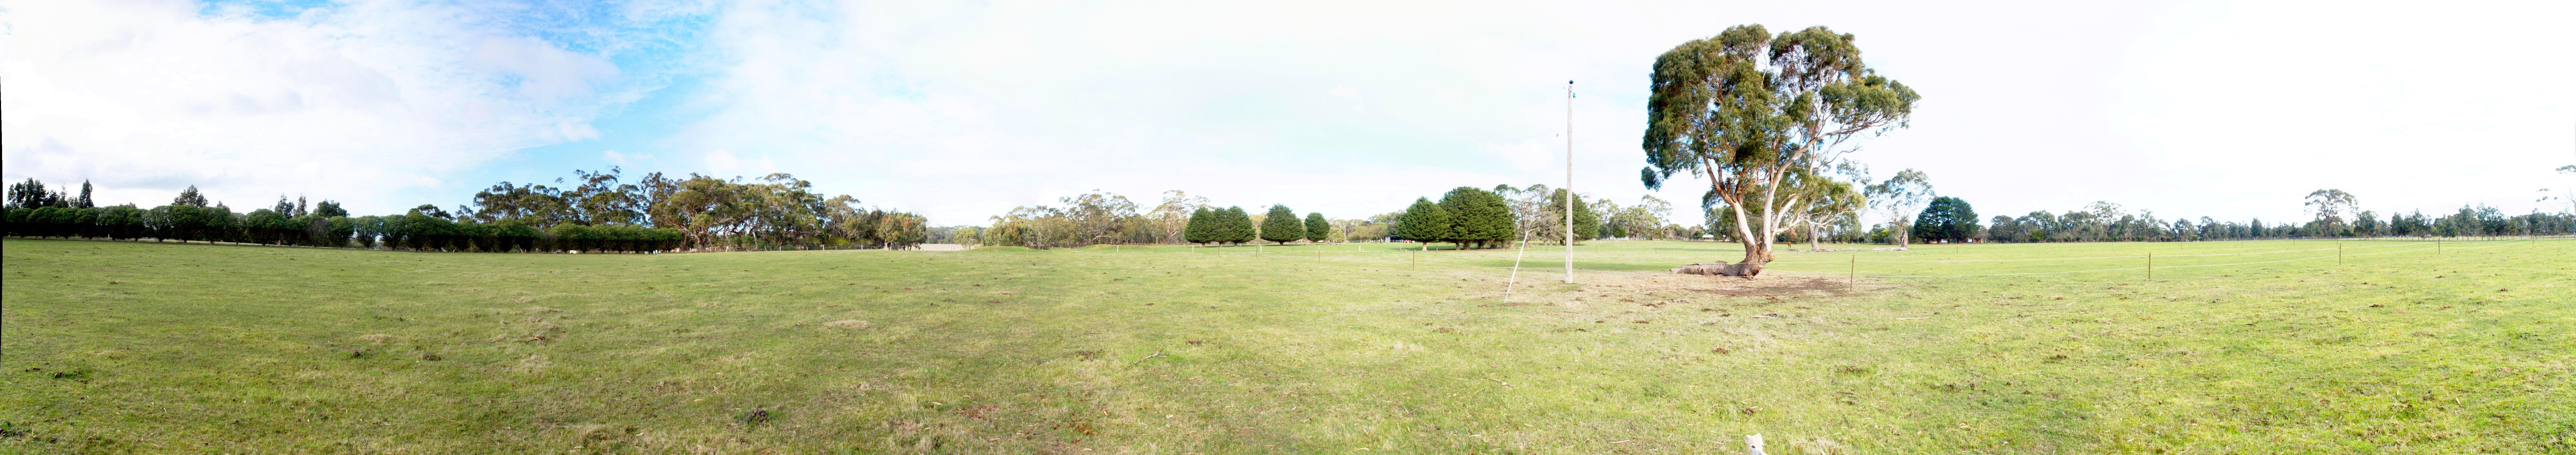 ne-paddock-panorama.jpeg